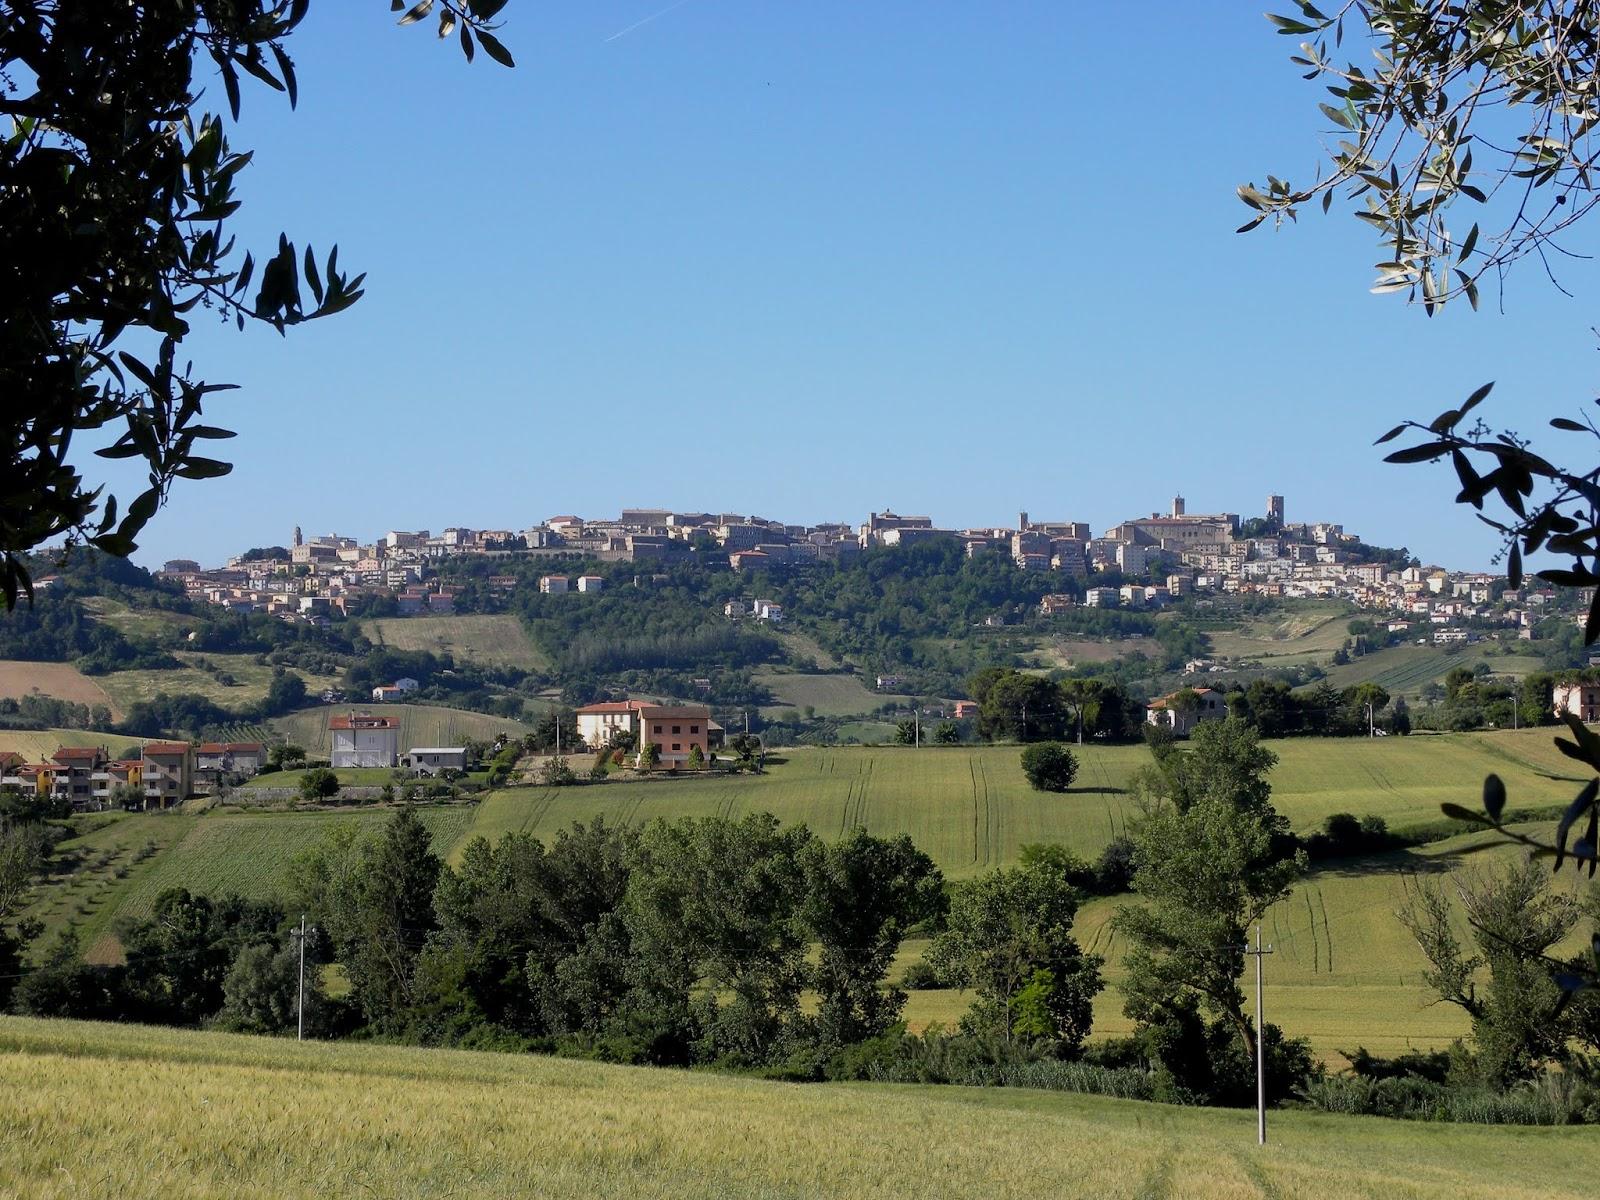 Trekking urbano alla scoperta delle bellezze e dei segreti di Osimo ( AN )  ( 1 di 2 ) - THE MARCHE EXPERIENCE